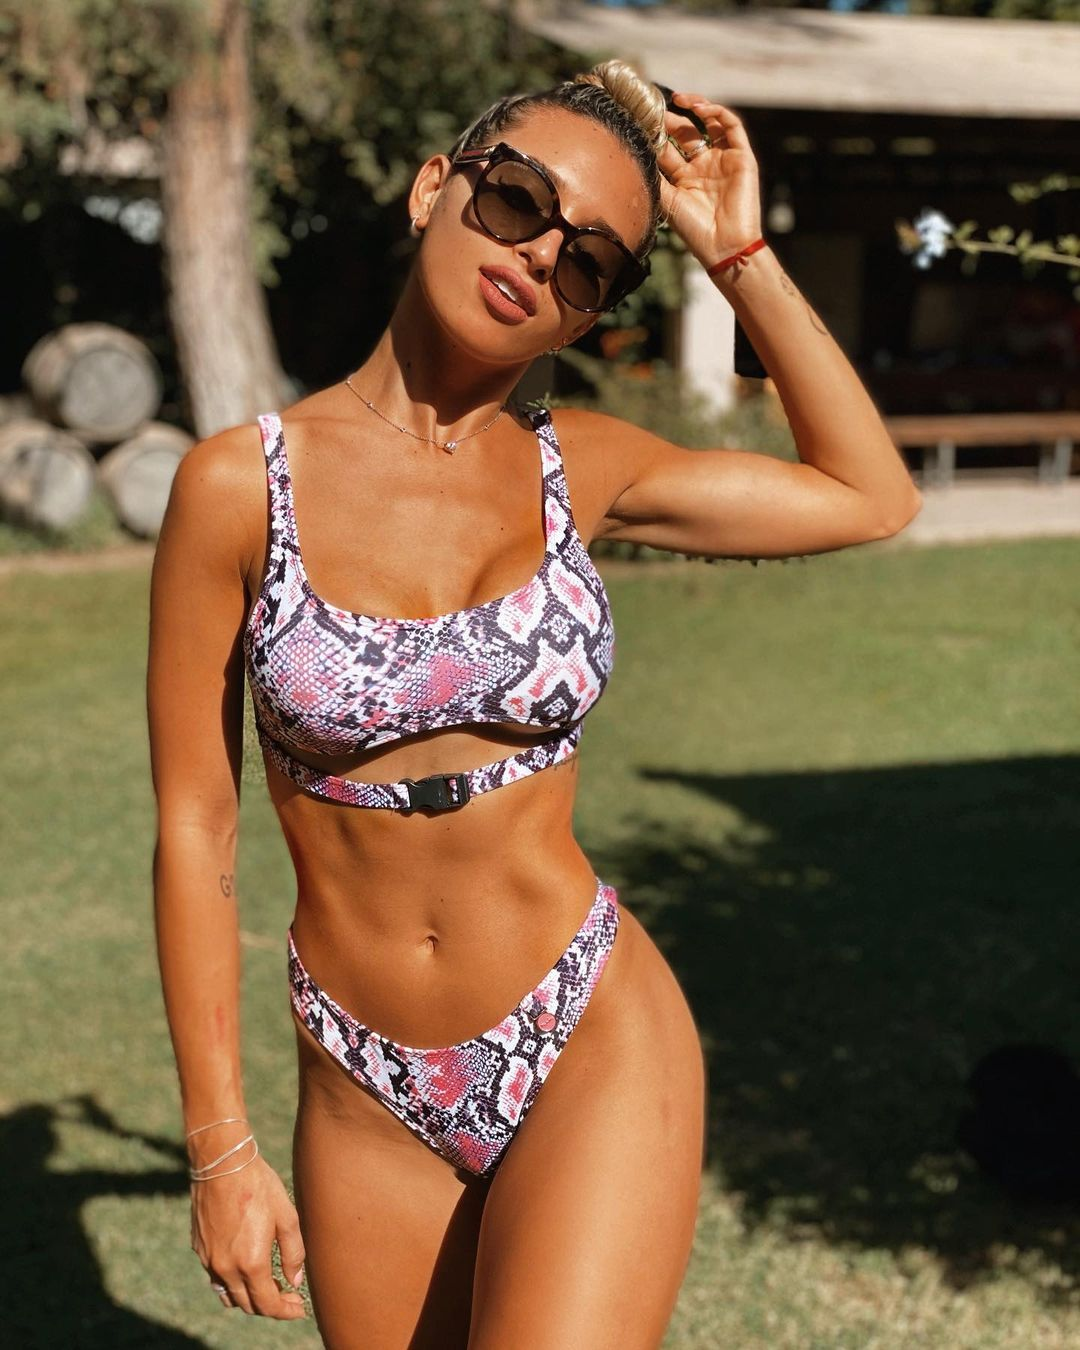 Агустина Гандольфо – видная аргентинская модель. Скоро она сделает отцом Лаутаро Мартинеса